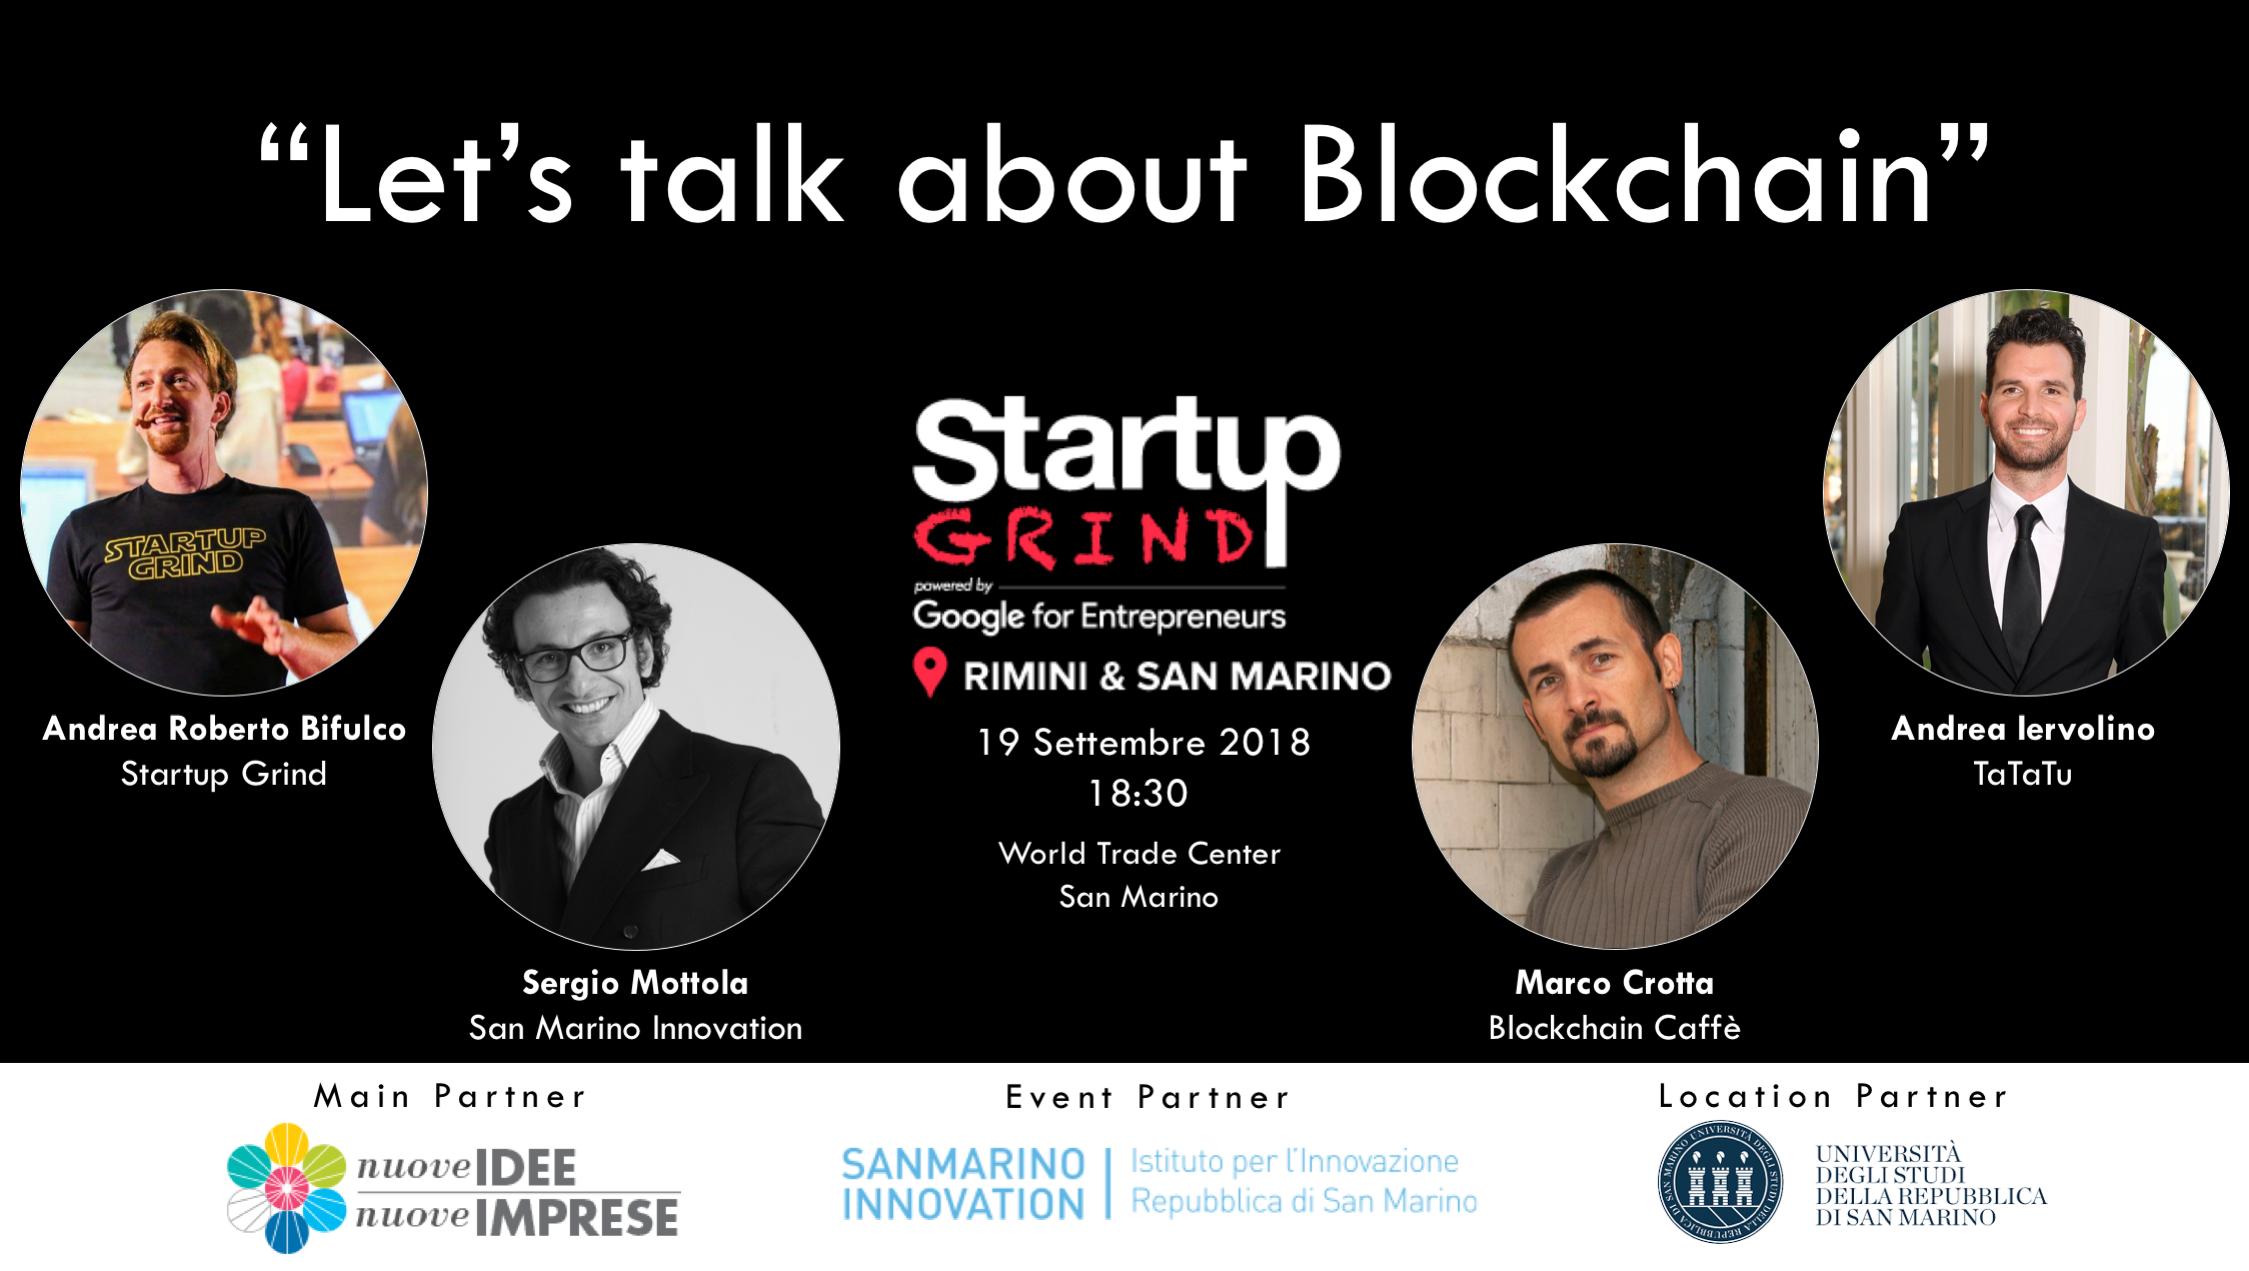 SGREII - 19 Settembre torna Startup Grind: appuntamento dedicato alla Blockchain